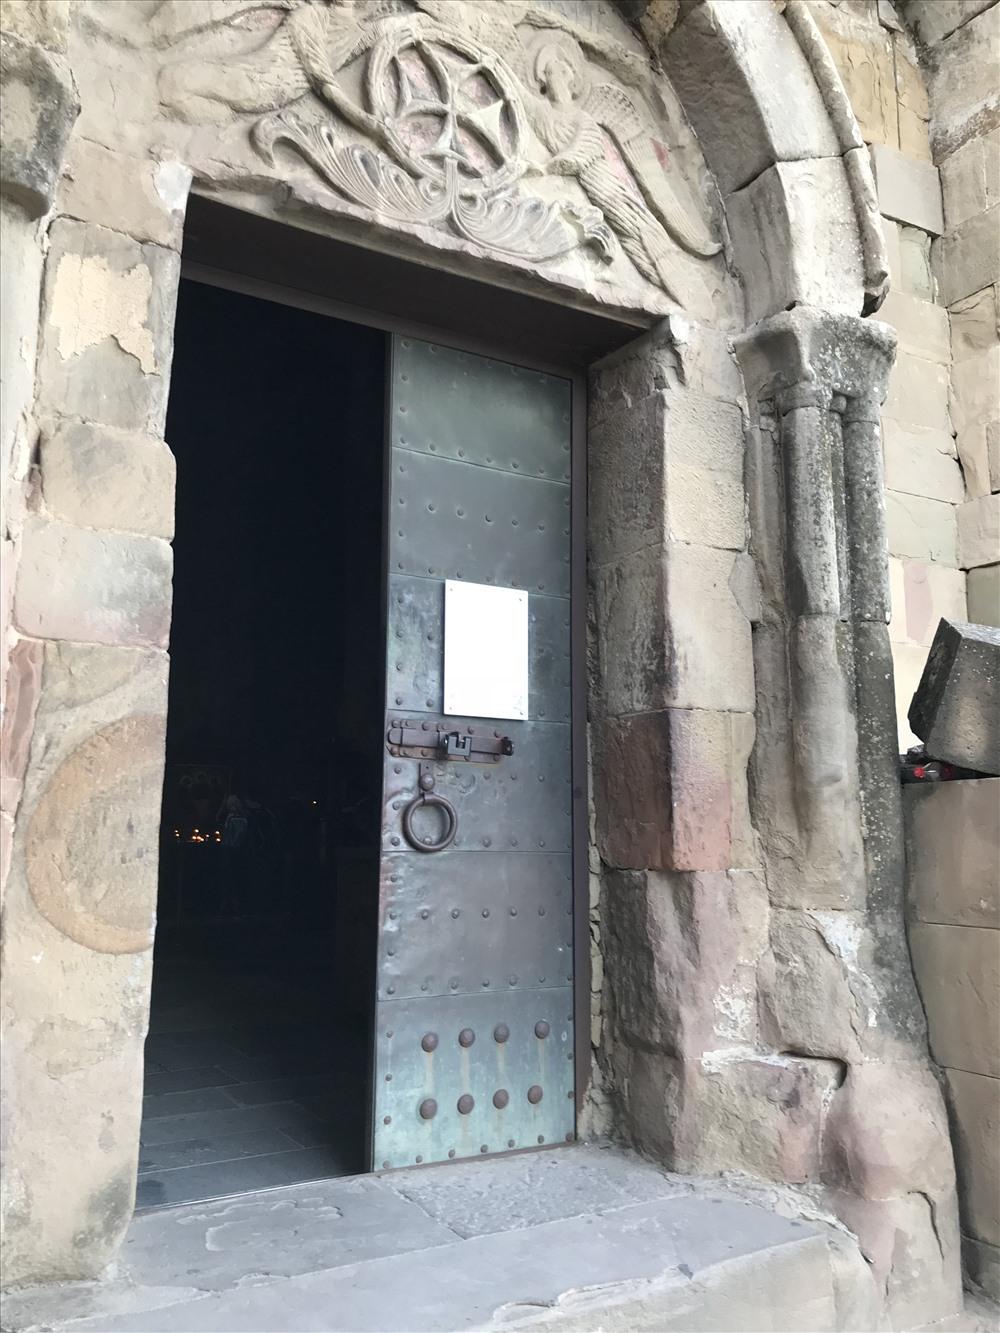 Sau cánh cửa này là không gian lưu dấu gần 2000 năm lịch sử của Tu viện Jvari. Ảnh: H.V.M